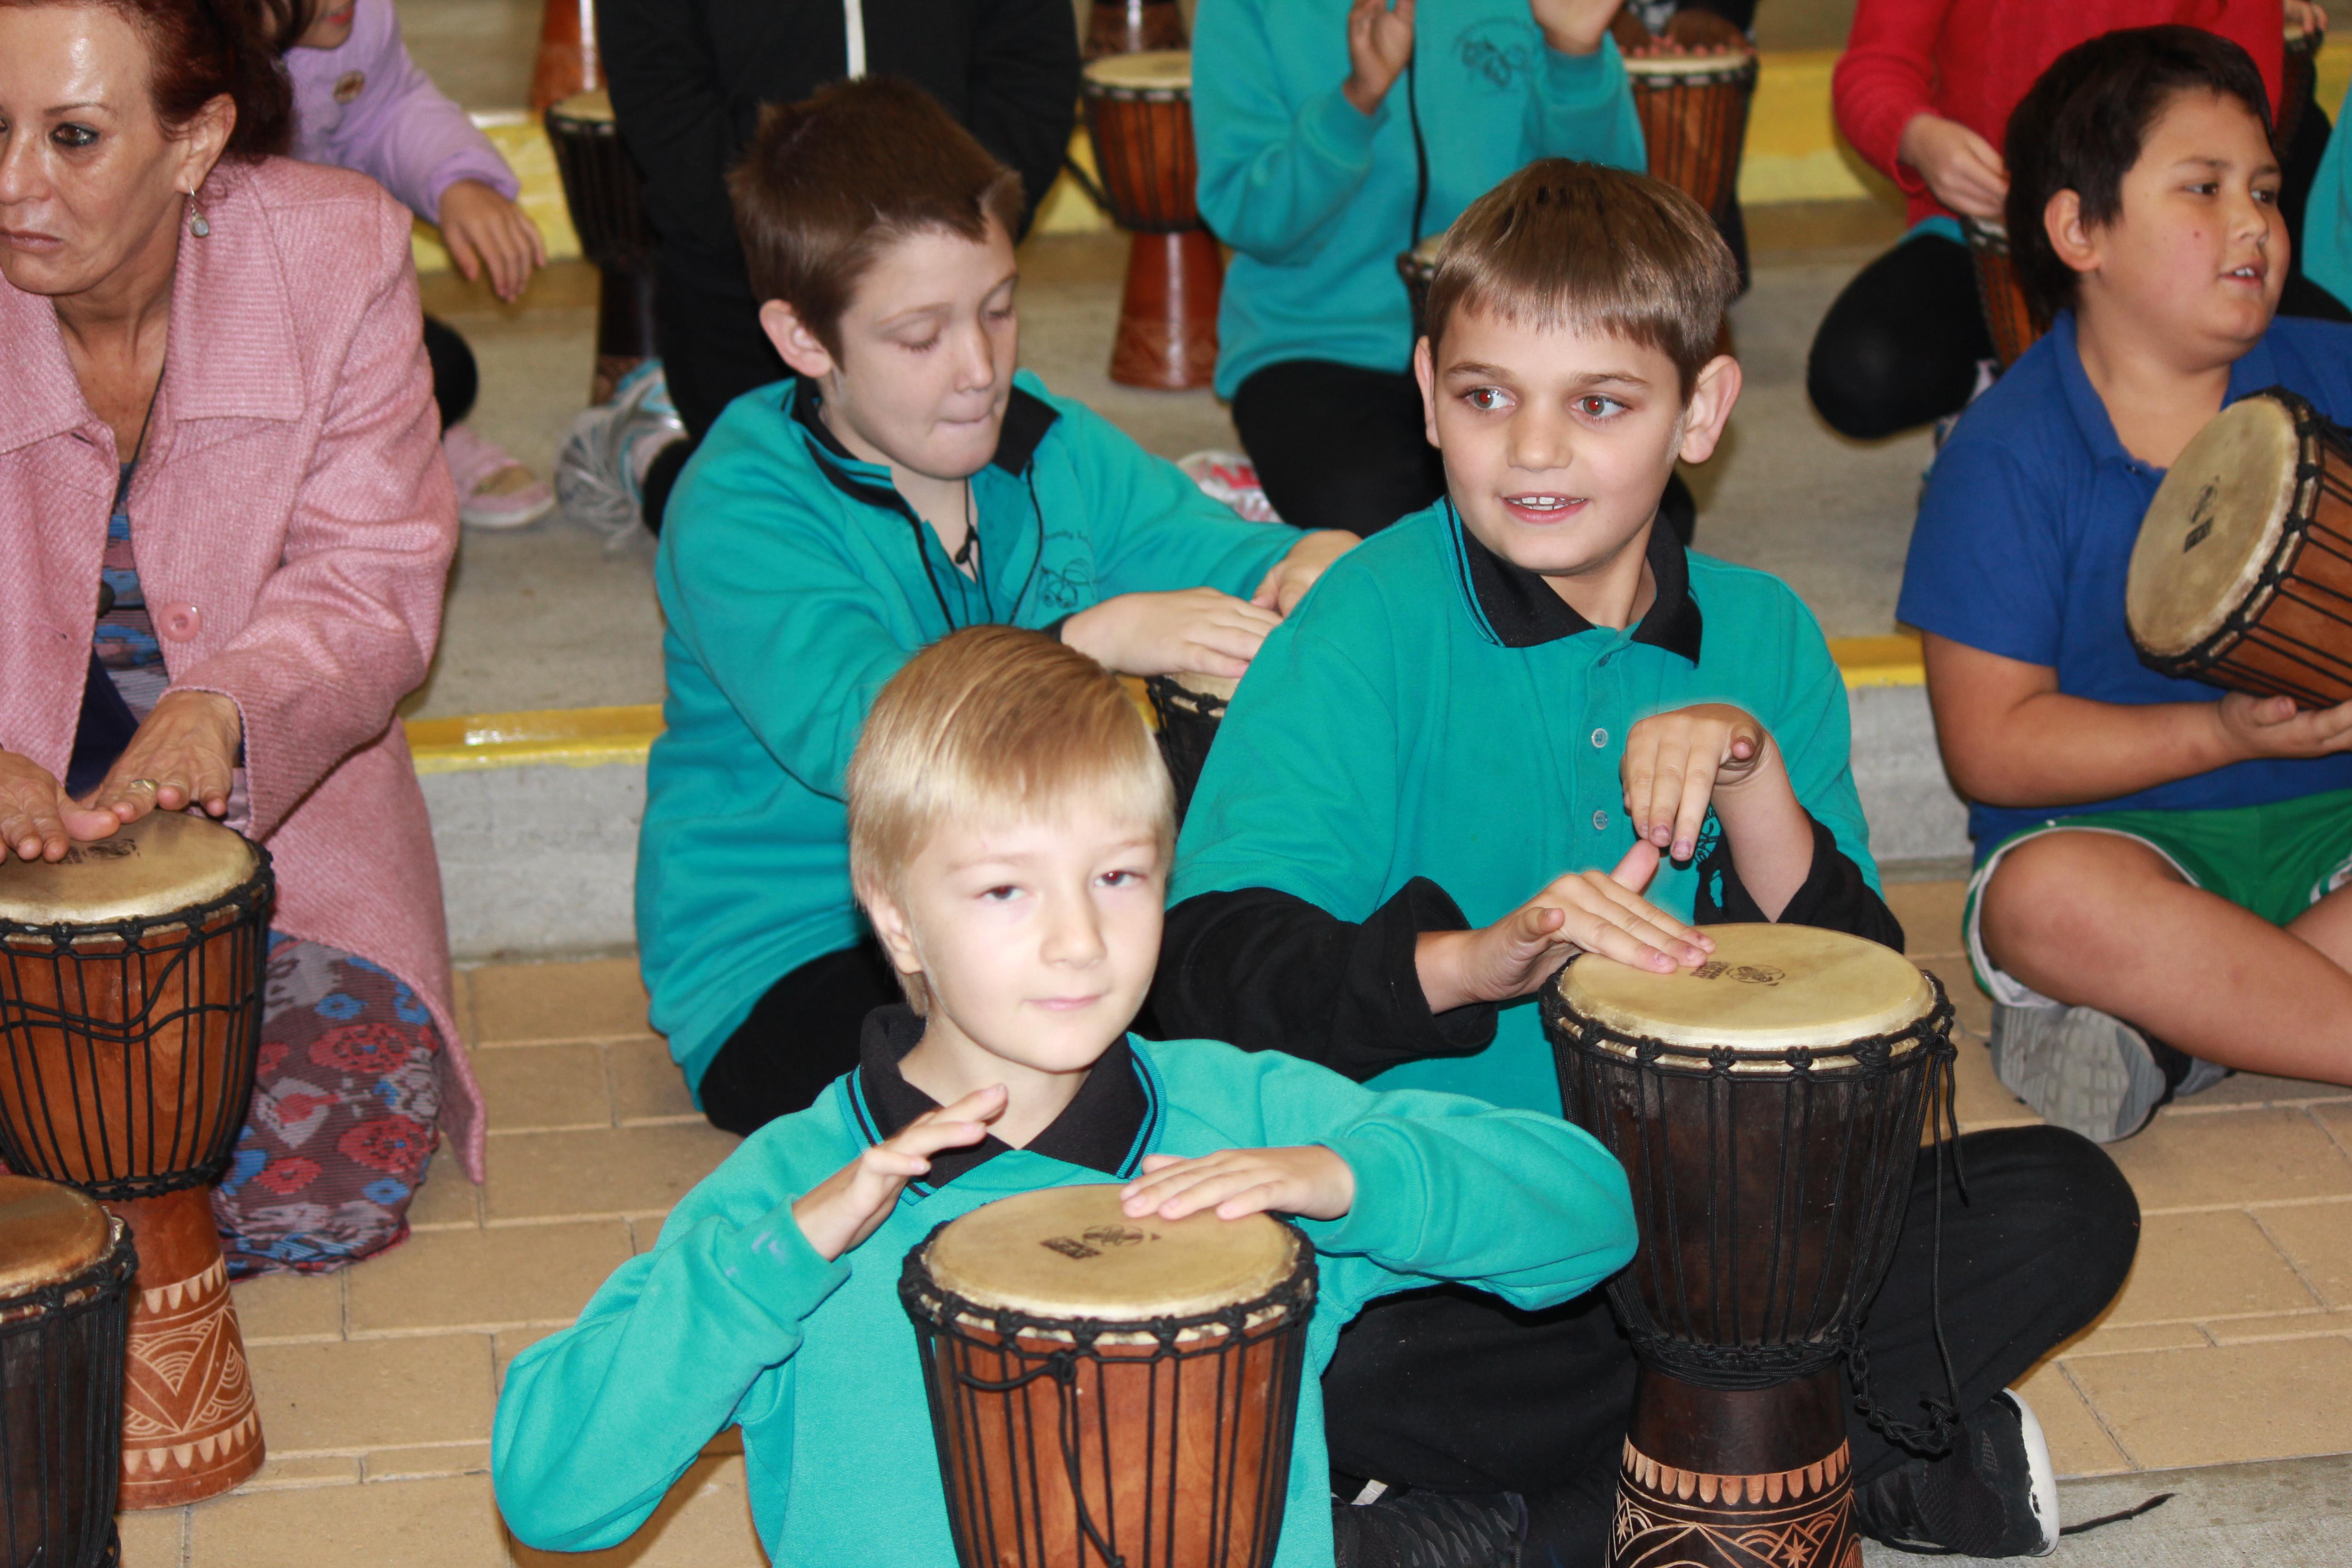 Drumming - Ben, Aiden n Memphis